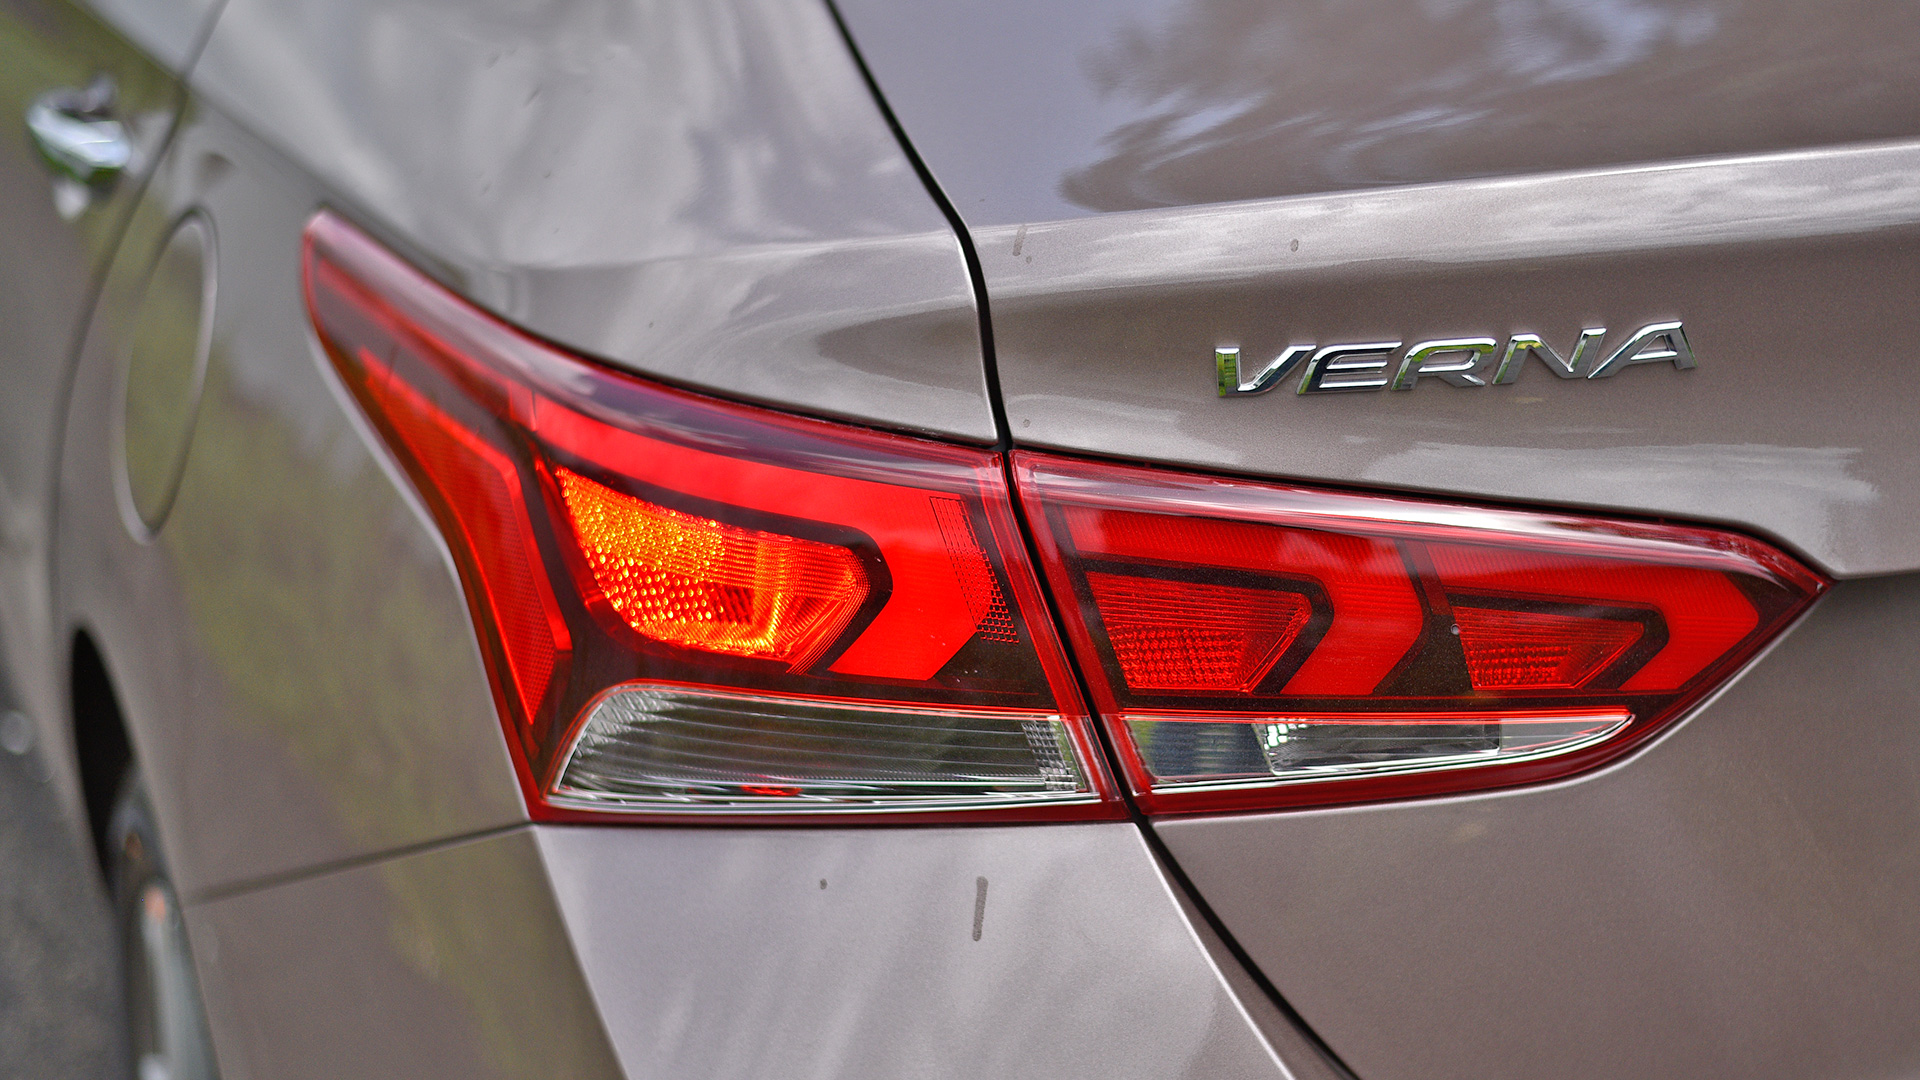 Hyundai Verna 2017 E Petrol Exterior